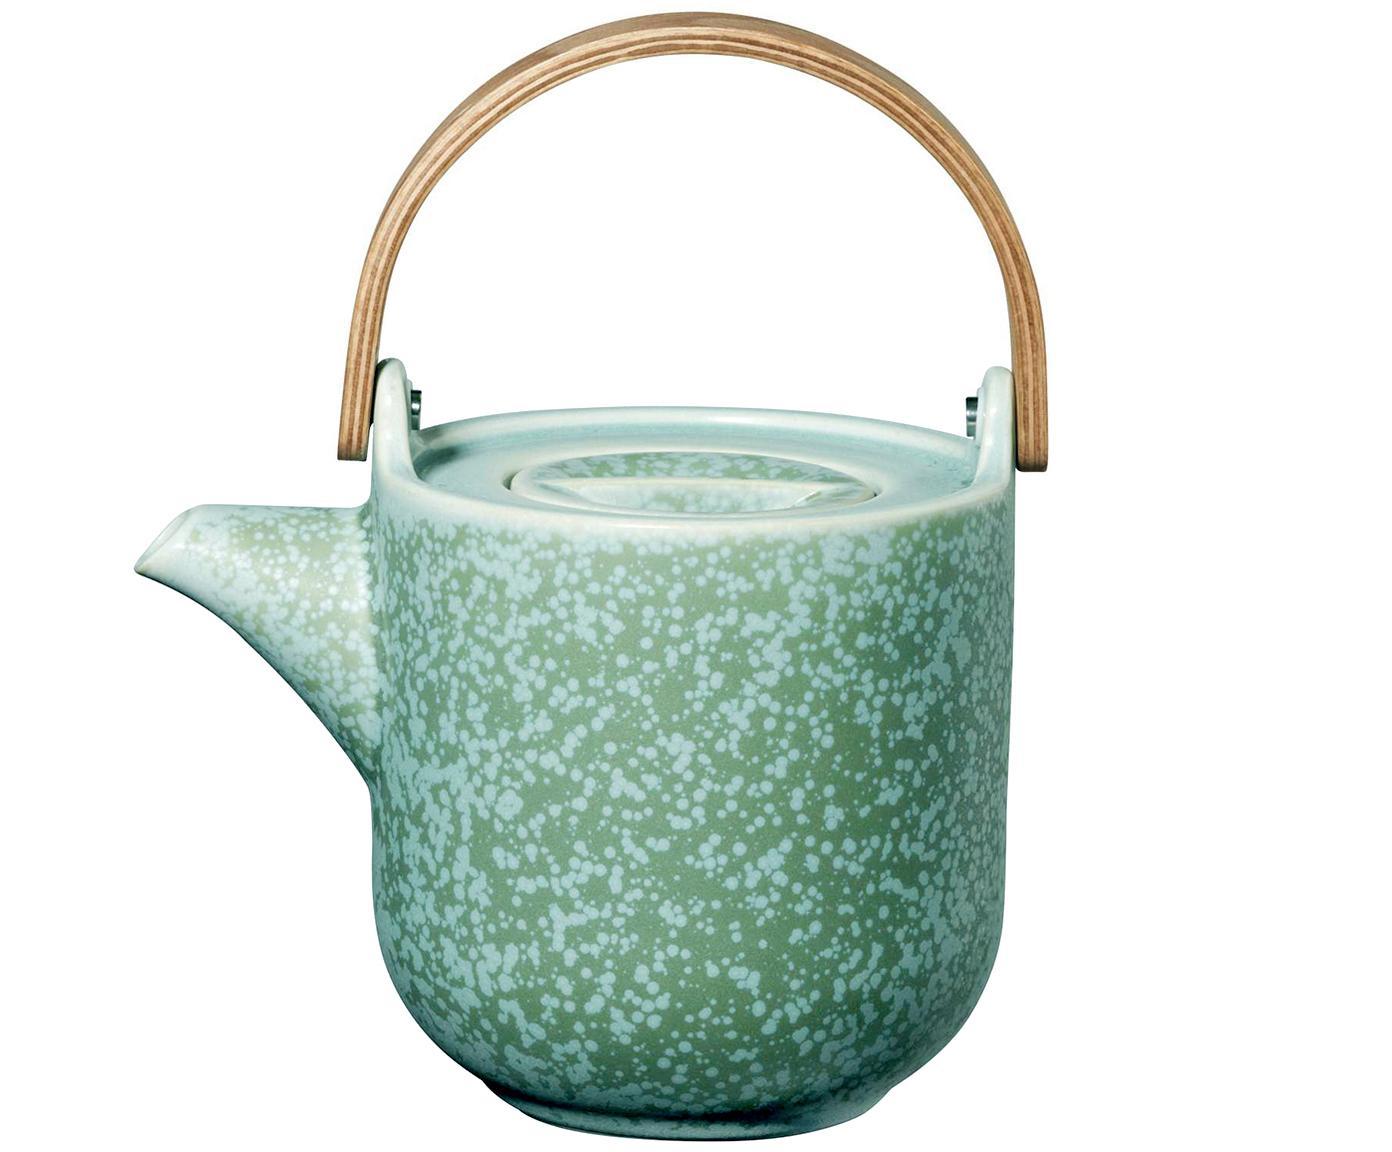 Kleine handgefertigte Teekanne Coppa in Mintgrün und mit Holzhenkel, Kanne: Porzellan, Griff: Holz,, Kanne: Mintgrüntöne Griff: Holz, 1 L